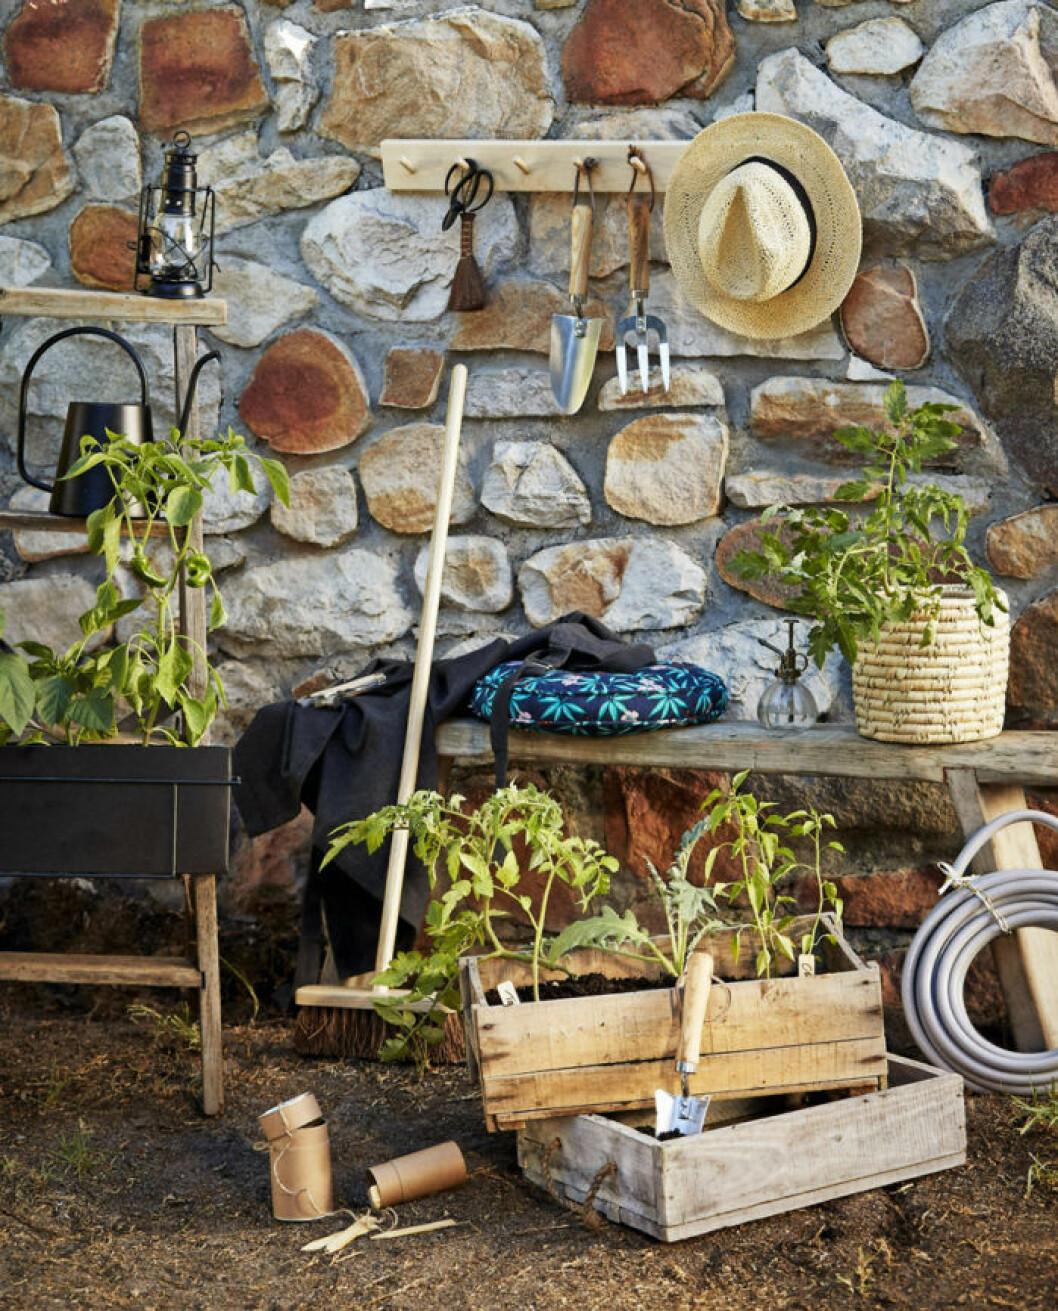 Trädgårdsförberedelser i gamla äppellådor och planteringslådor